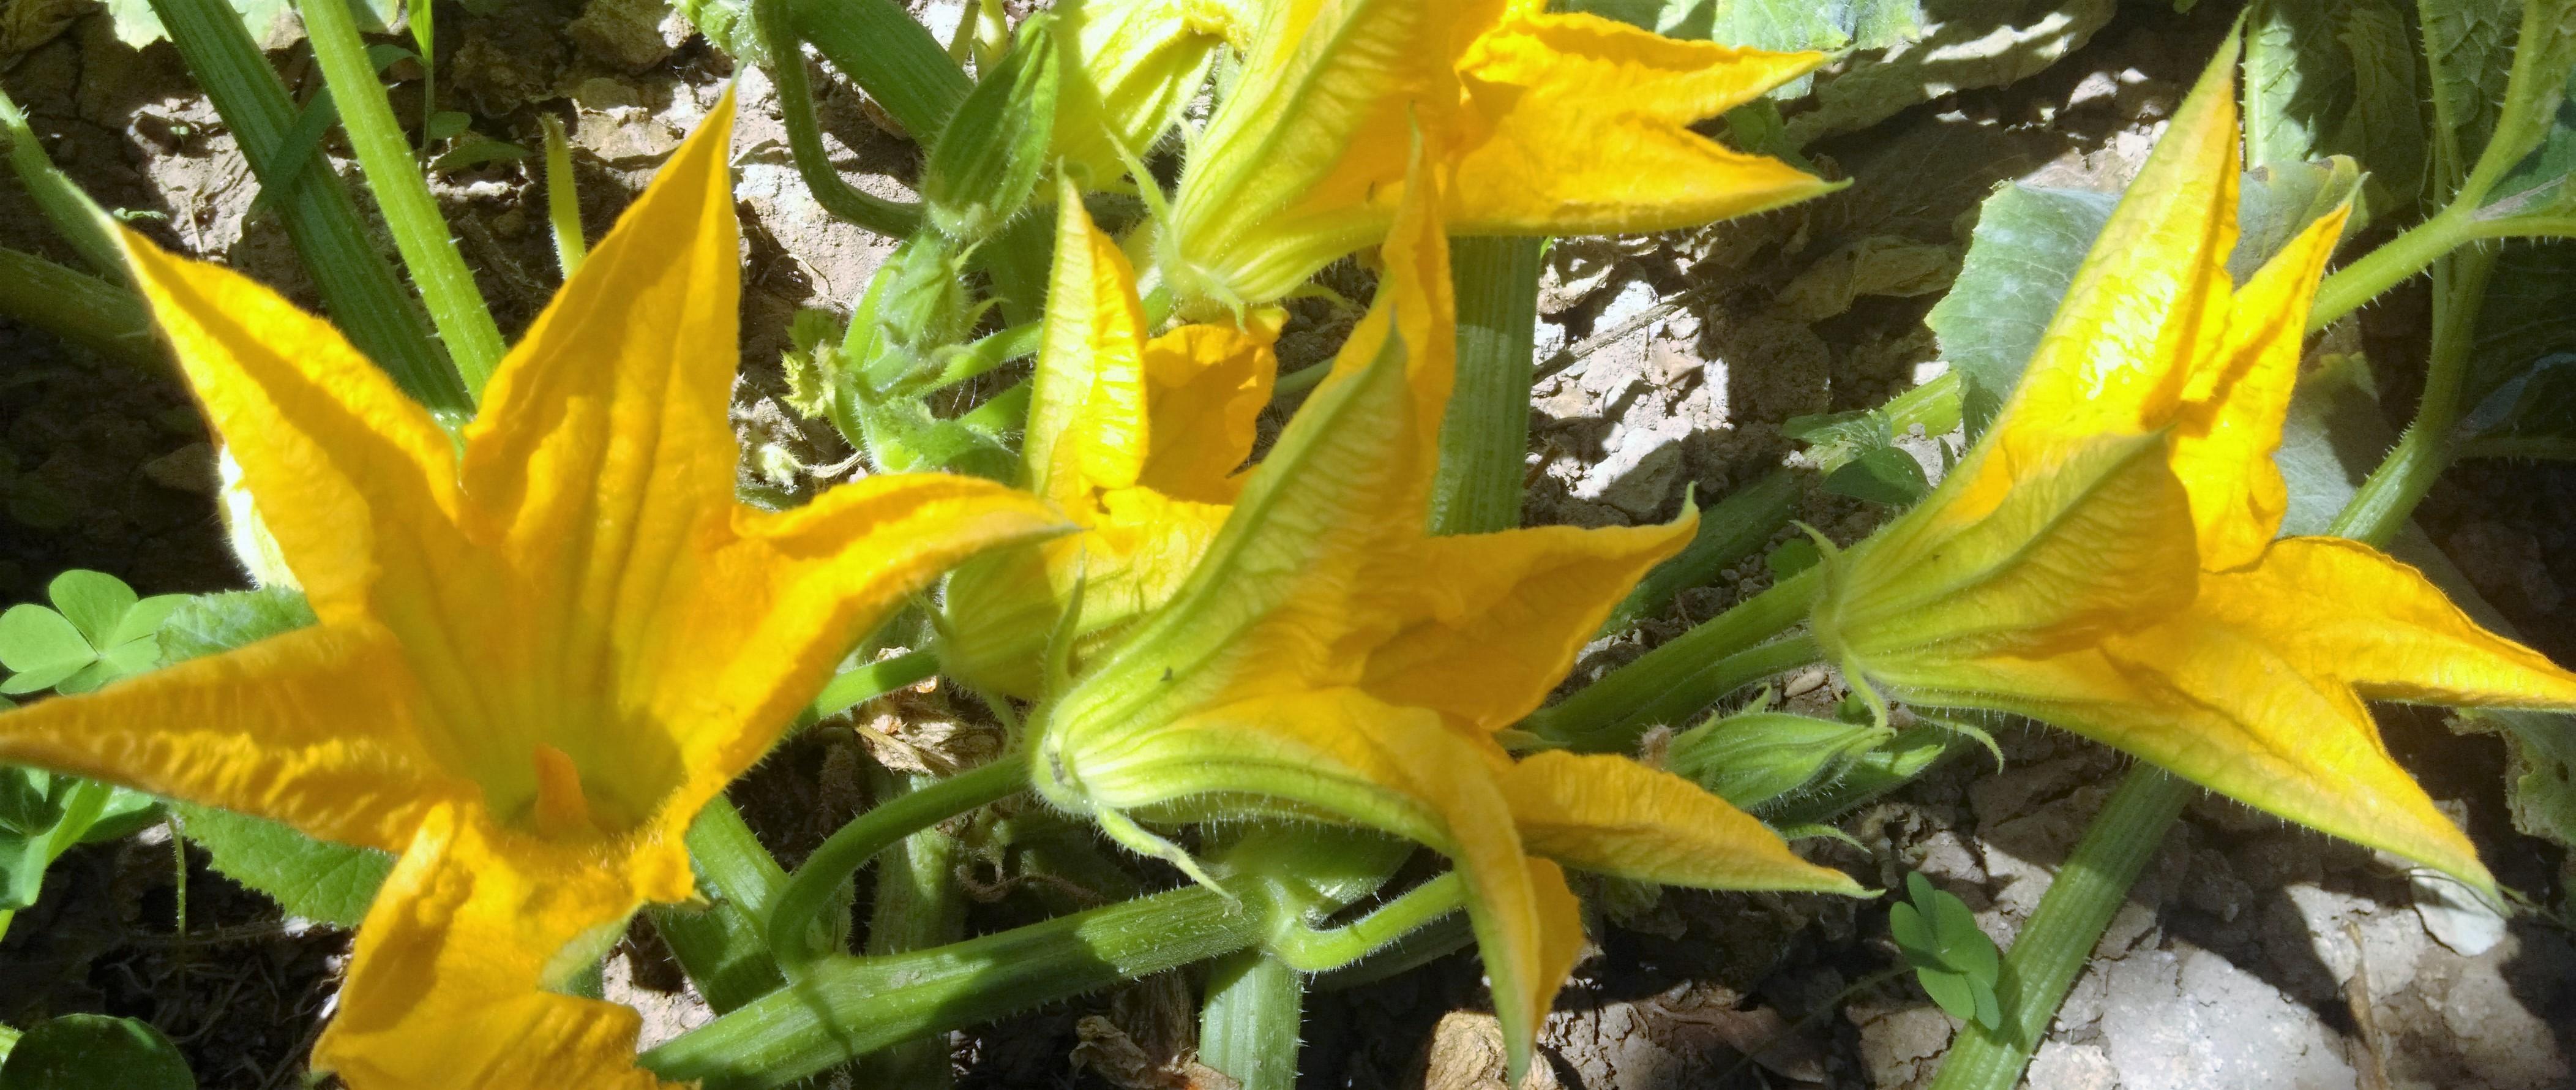 flor calabaza gitana de Belchite